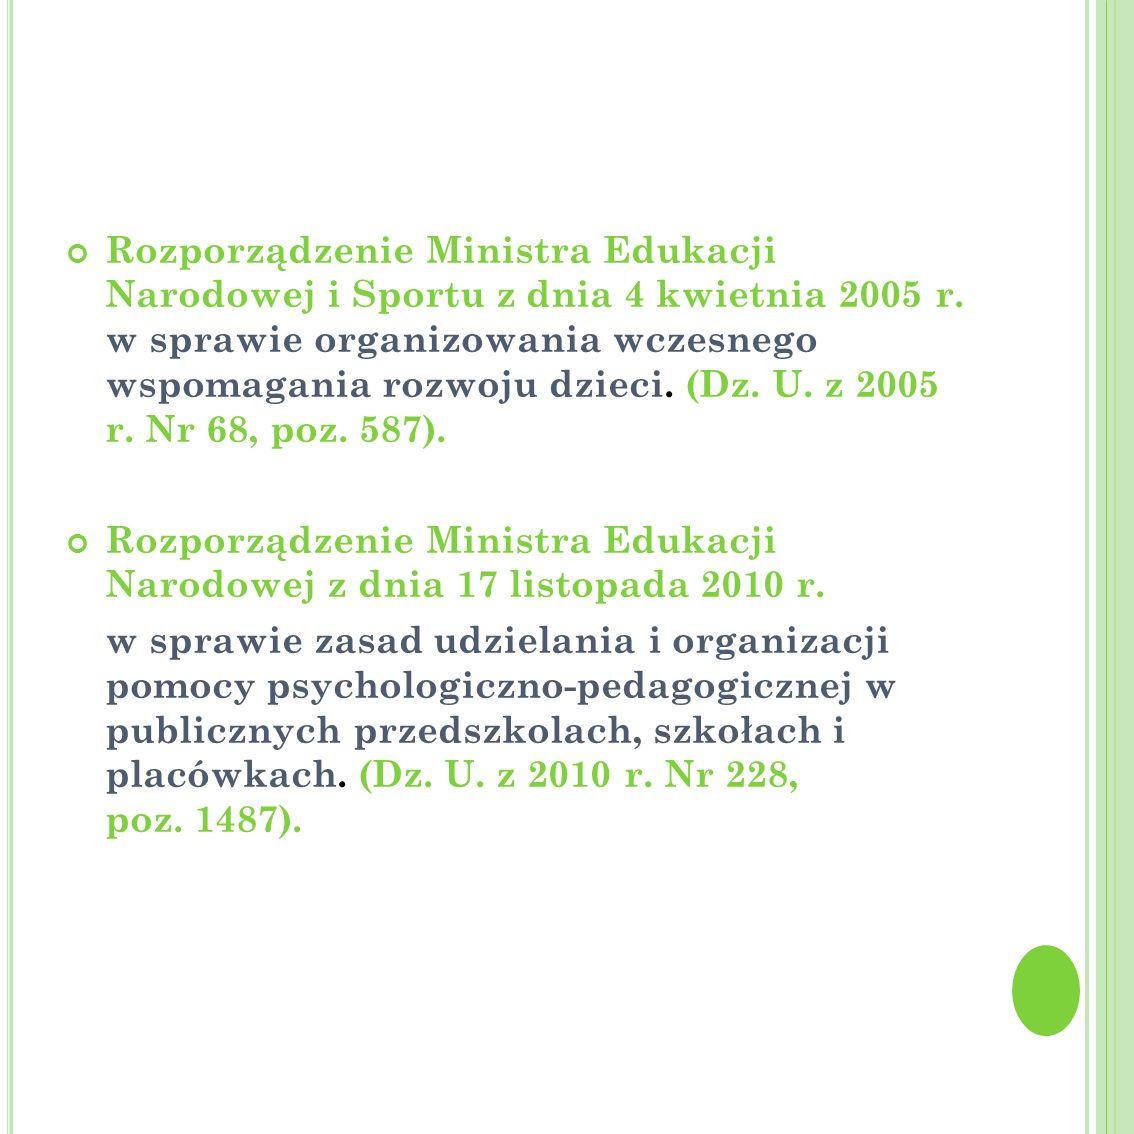 Rozporządzenie Ministra Edukacji Narodowej i Sportu z dnia 4 kwietnia 2005 r. w sprawie organizowania wczesnego wspomagania rozwoju dzieci. (Dz. U. z